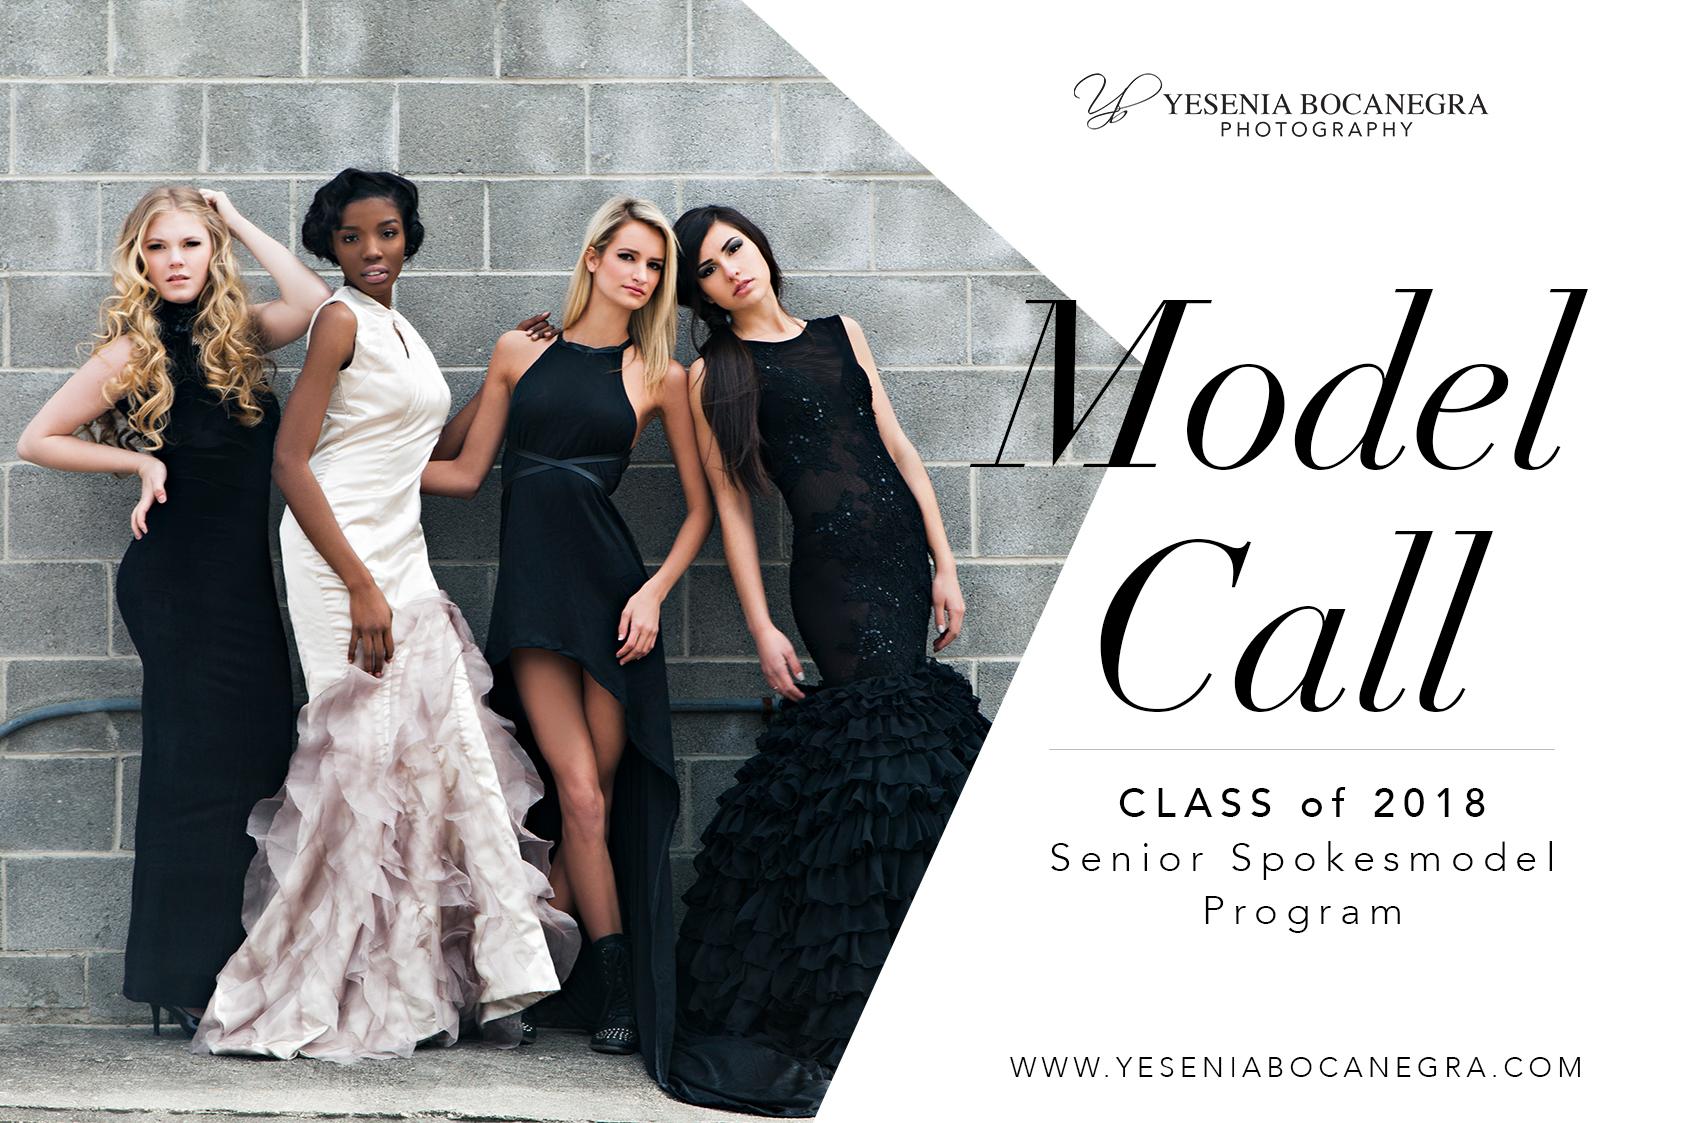 NEW!!!! Yesenia Bocanegra Photography Senior Spokesmodel Program - Apply now!